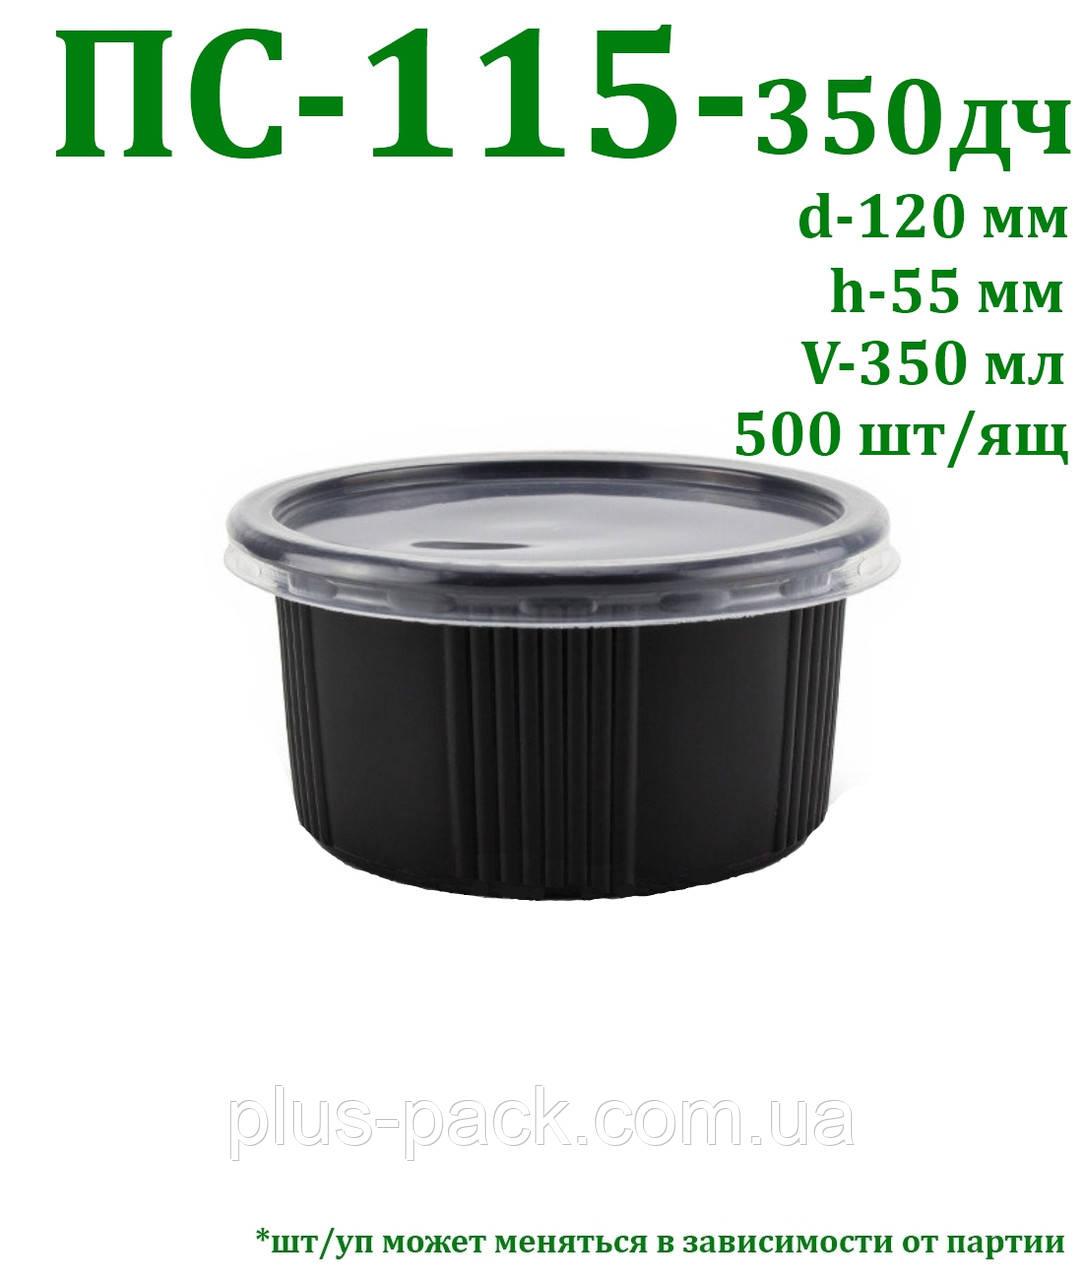 Одноразовая упаковка ПС-115-350 стакан с крышкой дч